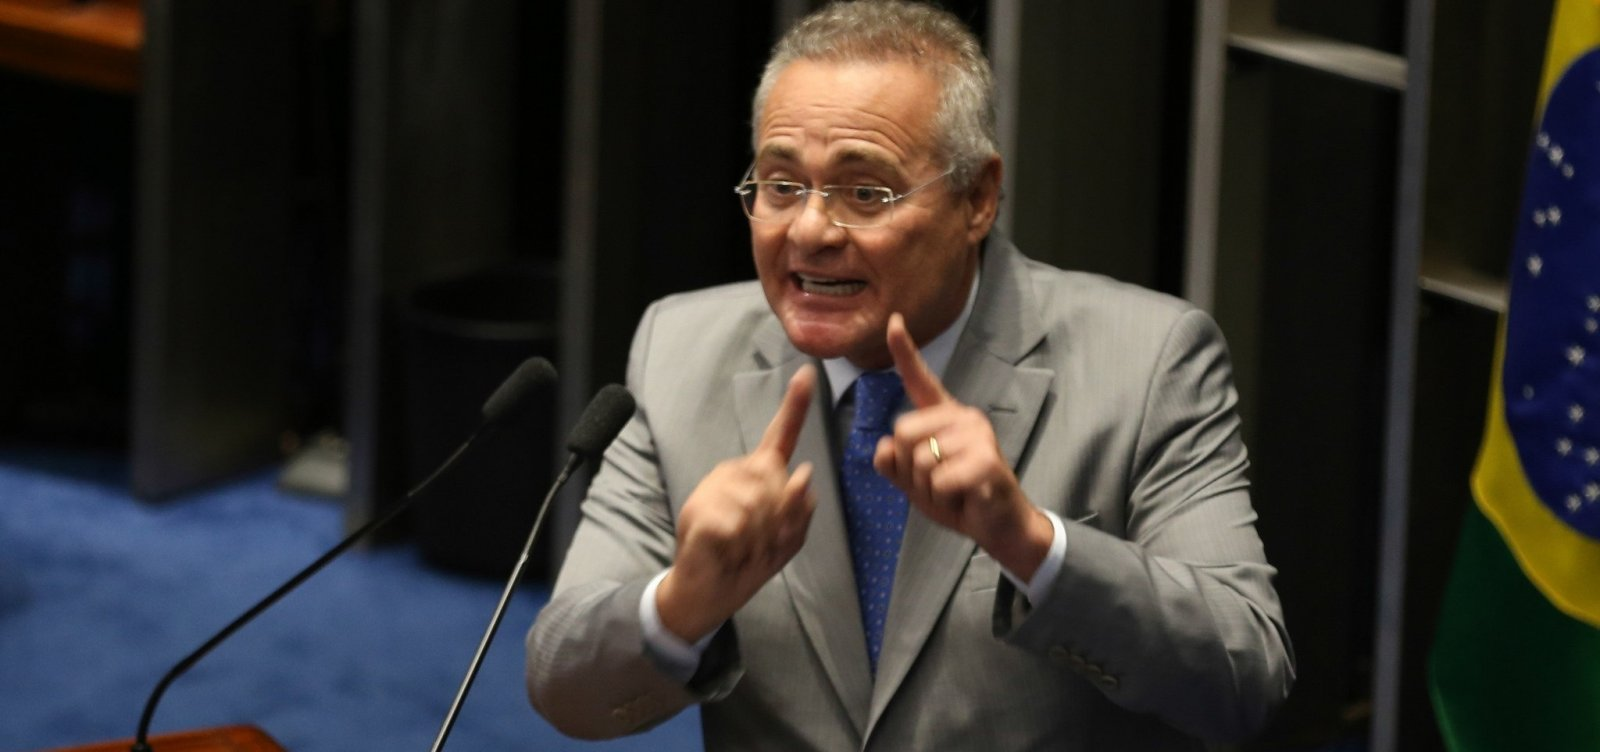 2ª Turma do STF absolve Renan Calheiros no caso Mônica Veloso